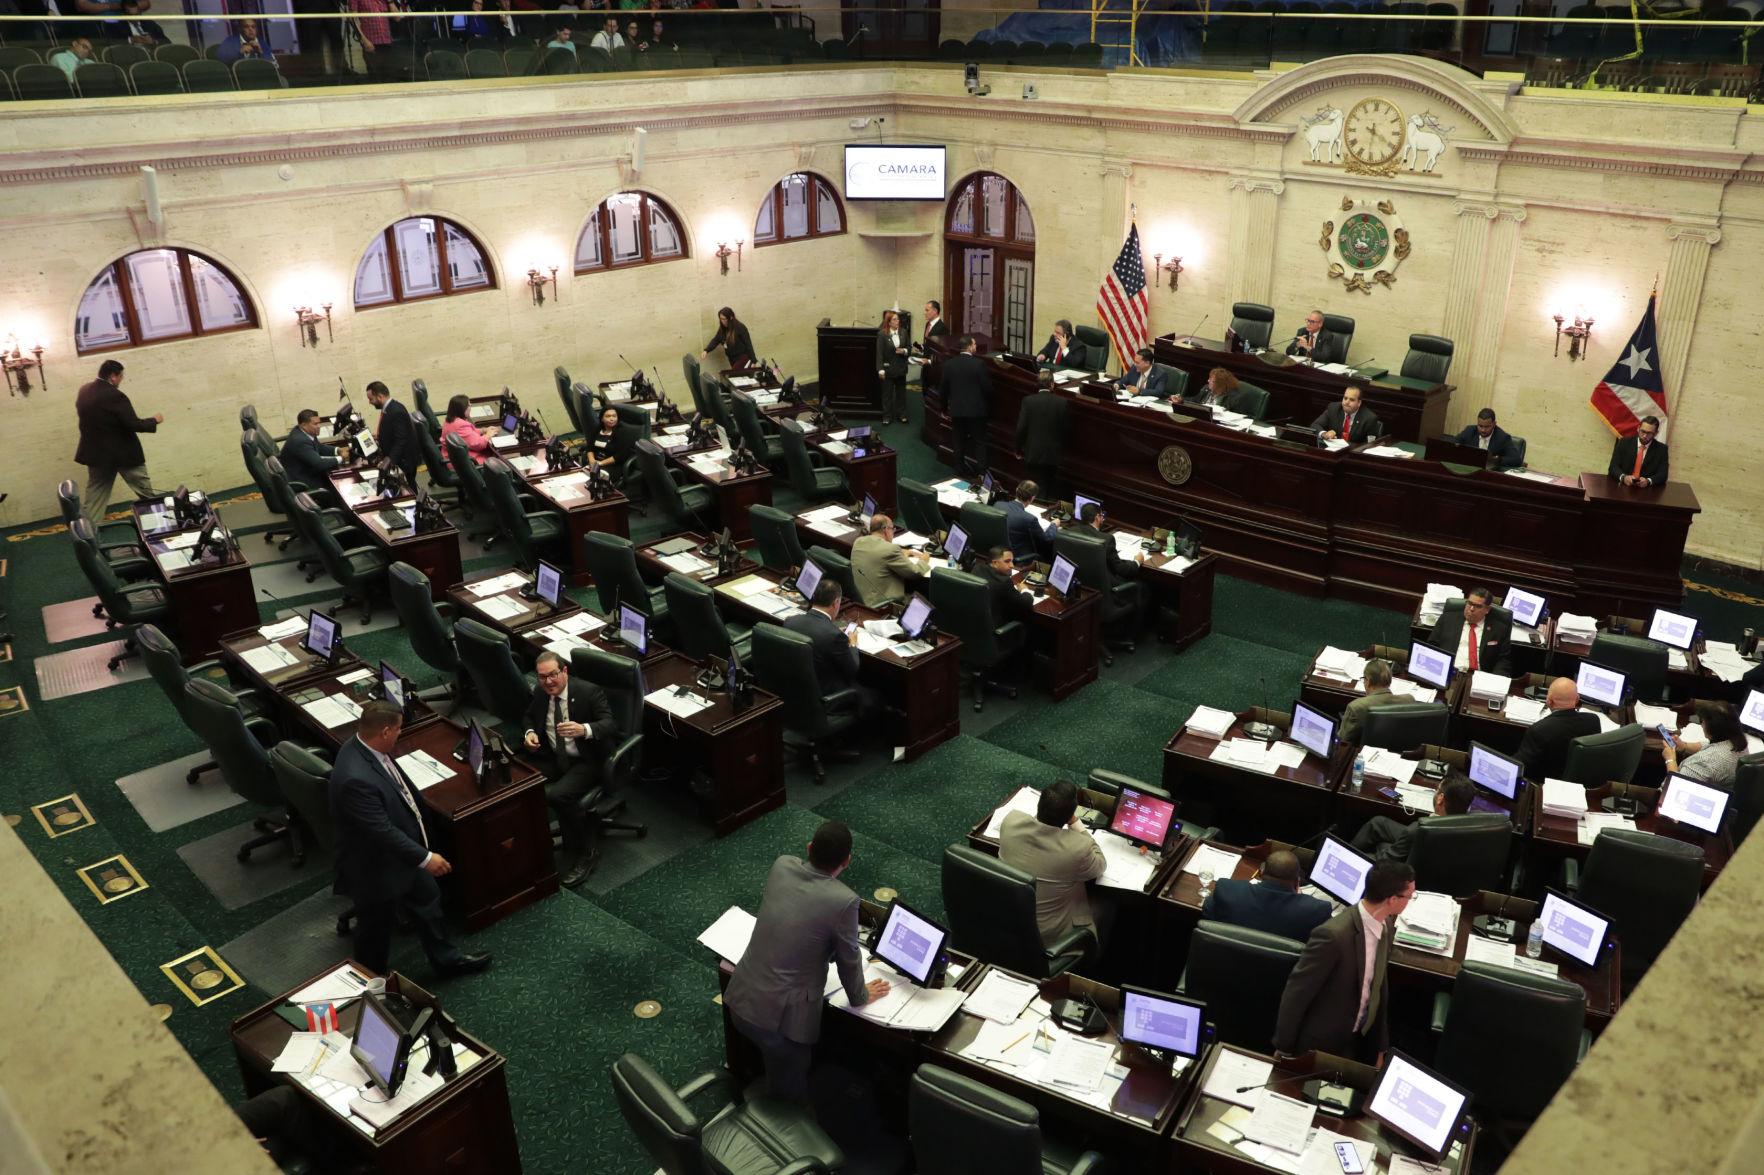 Pasa al Senado el proyecto de apuestas deportivas por internet